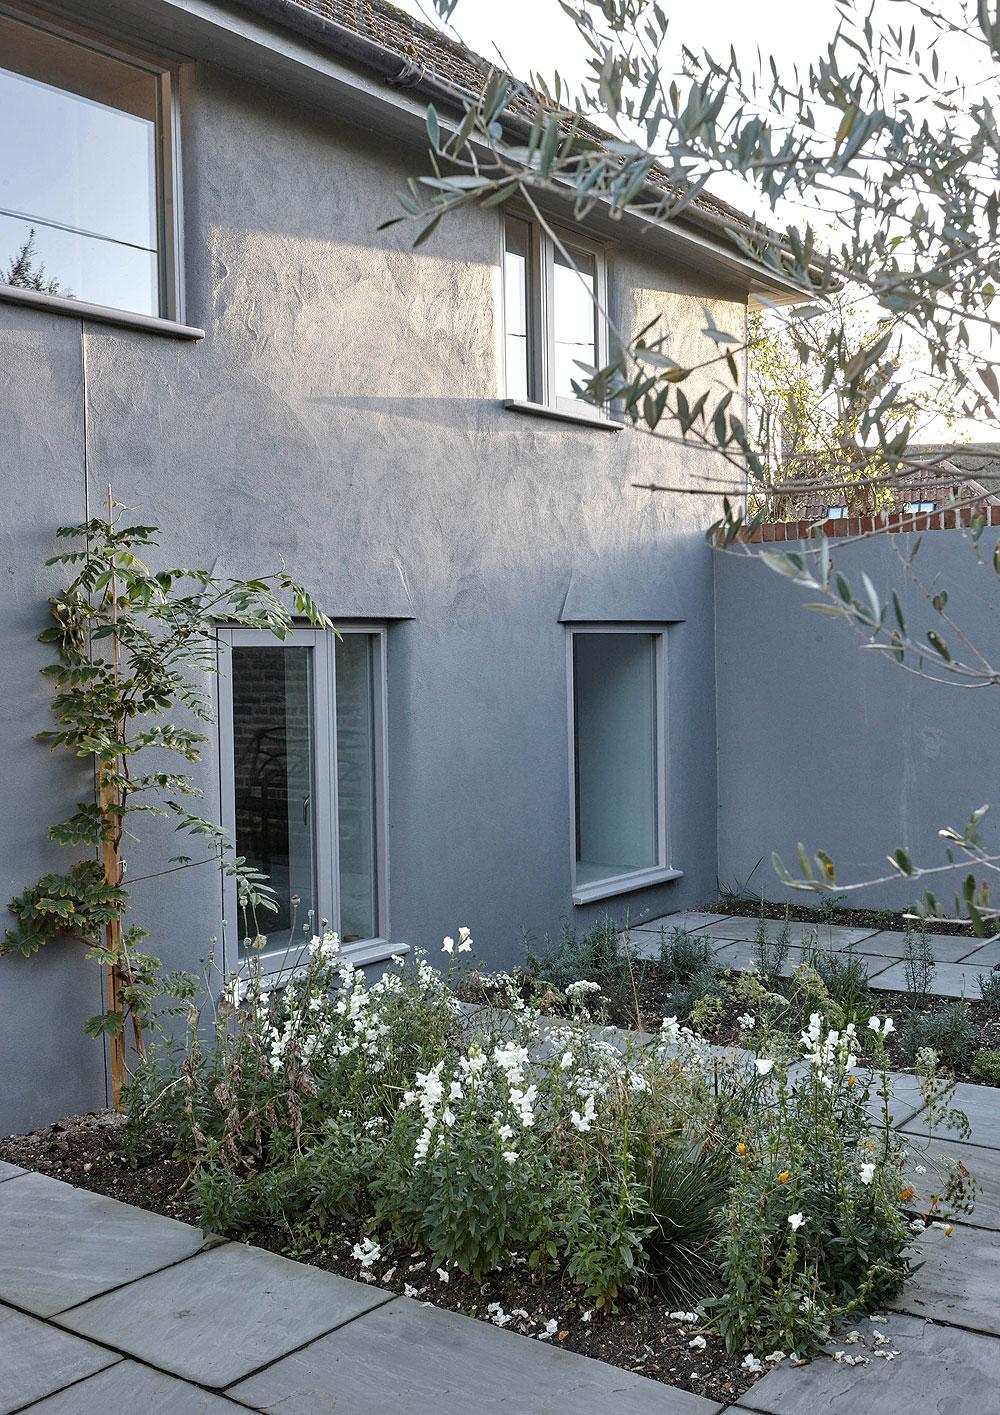 vivienda-merrydown-mclaren.excell (19)